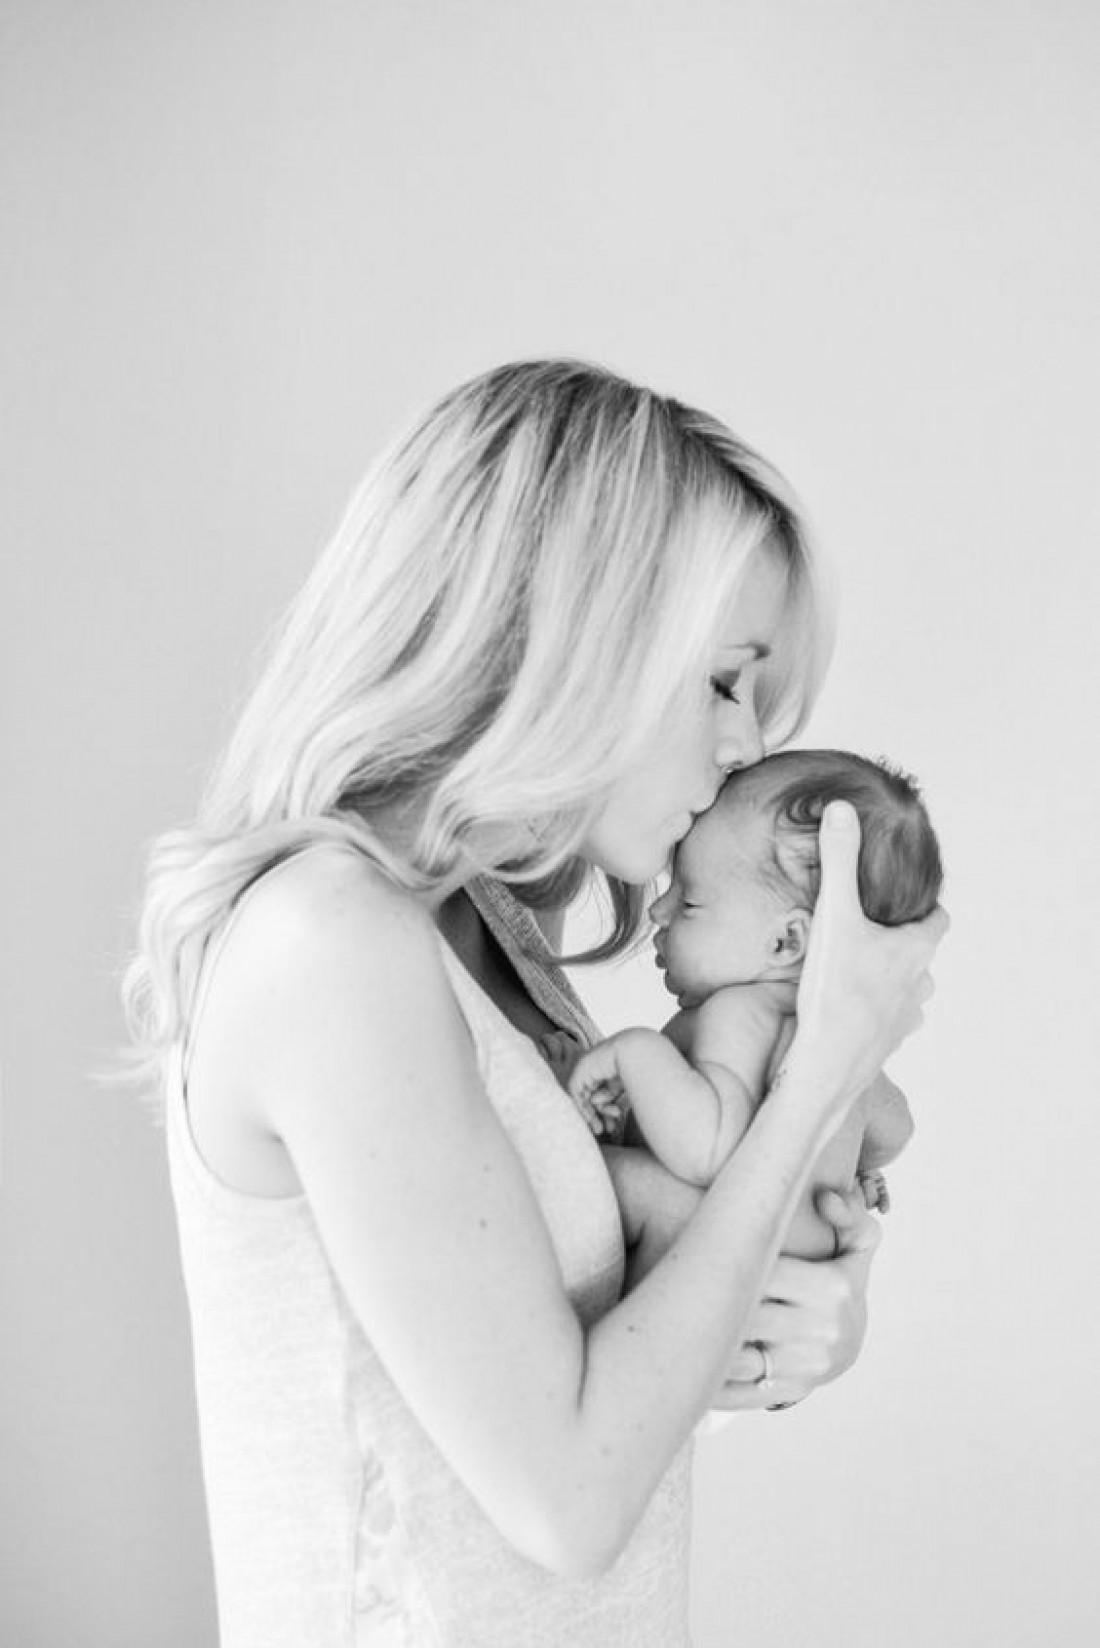 ТОП-7 самых необходимых вещей в первый год жизни ребенка